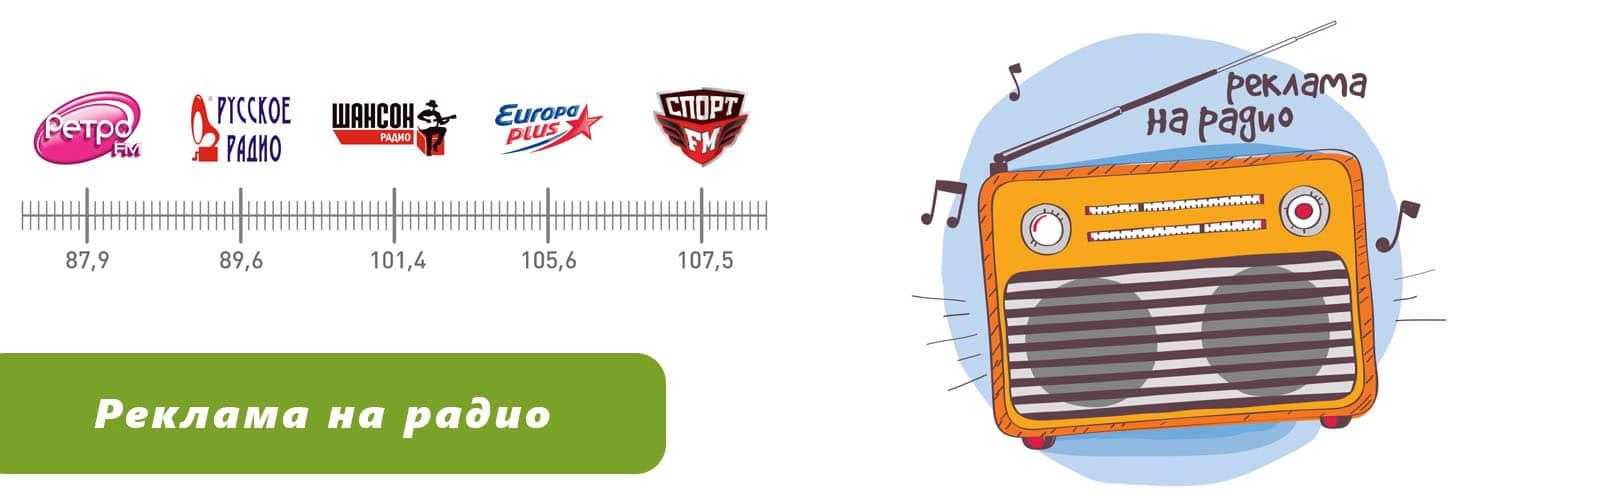 Реклама на радио